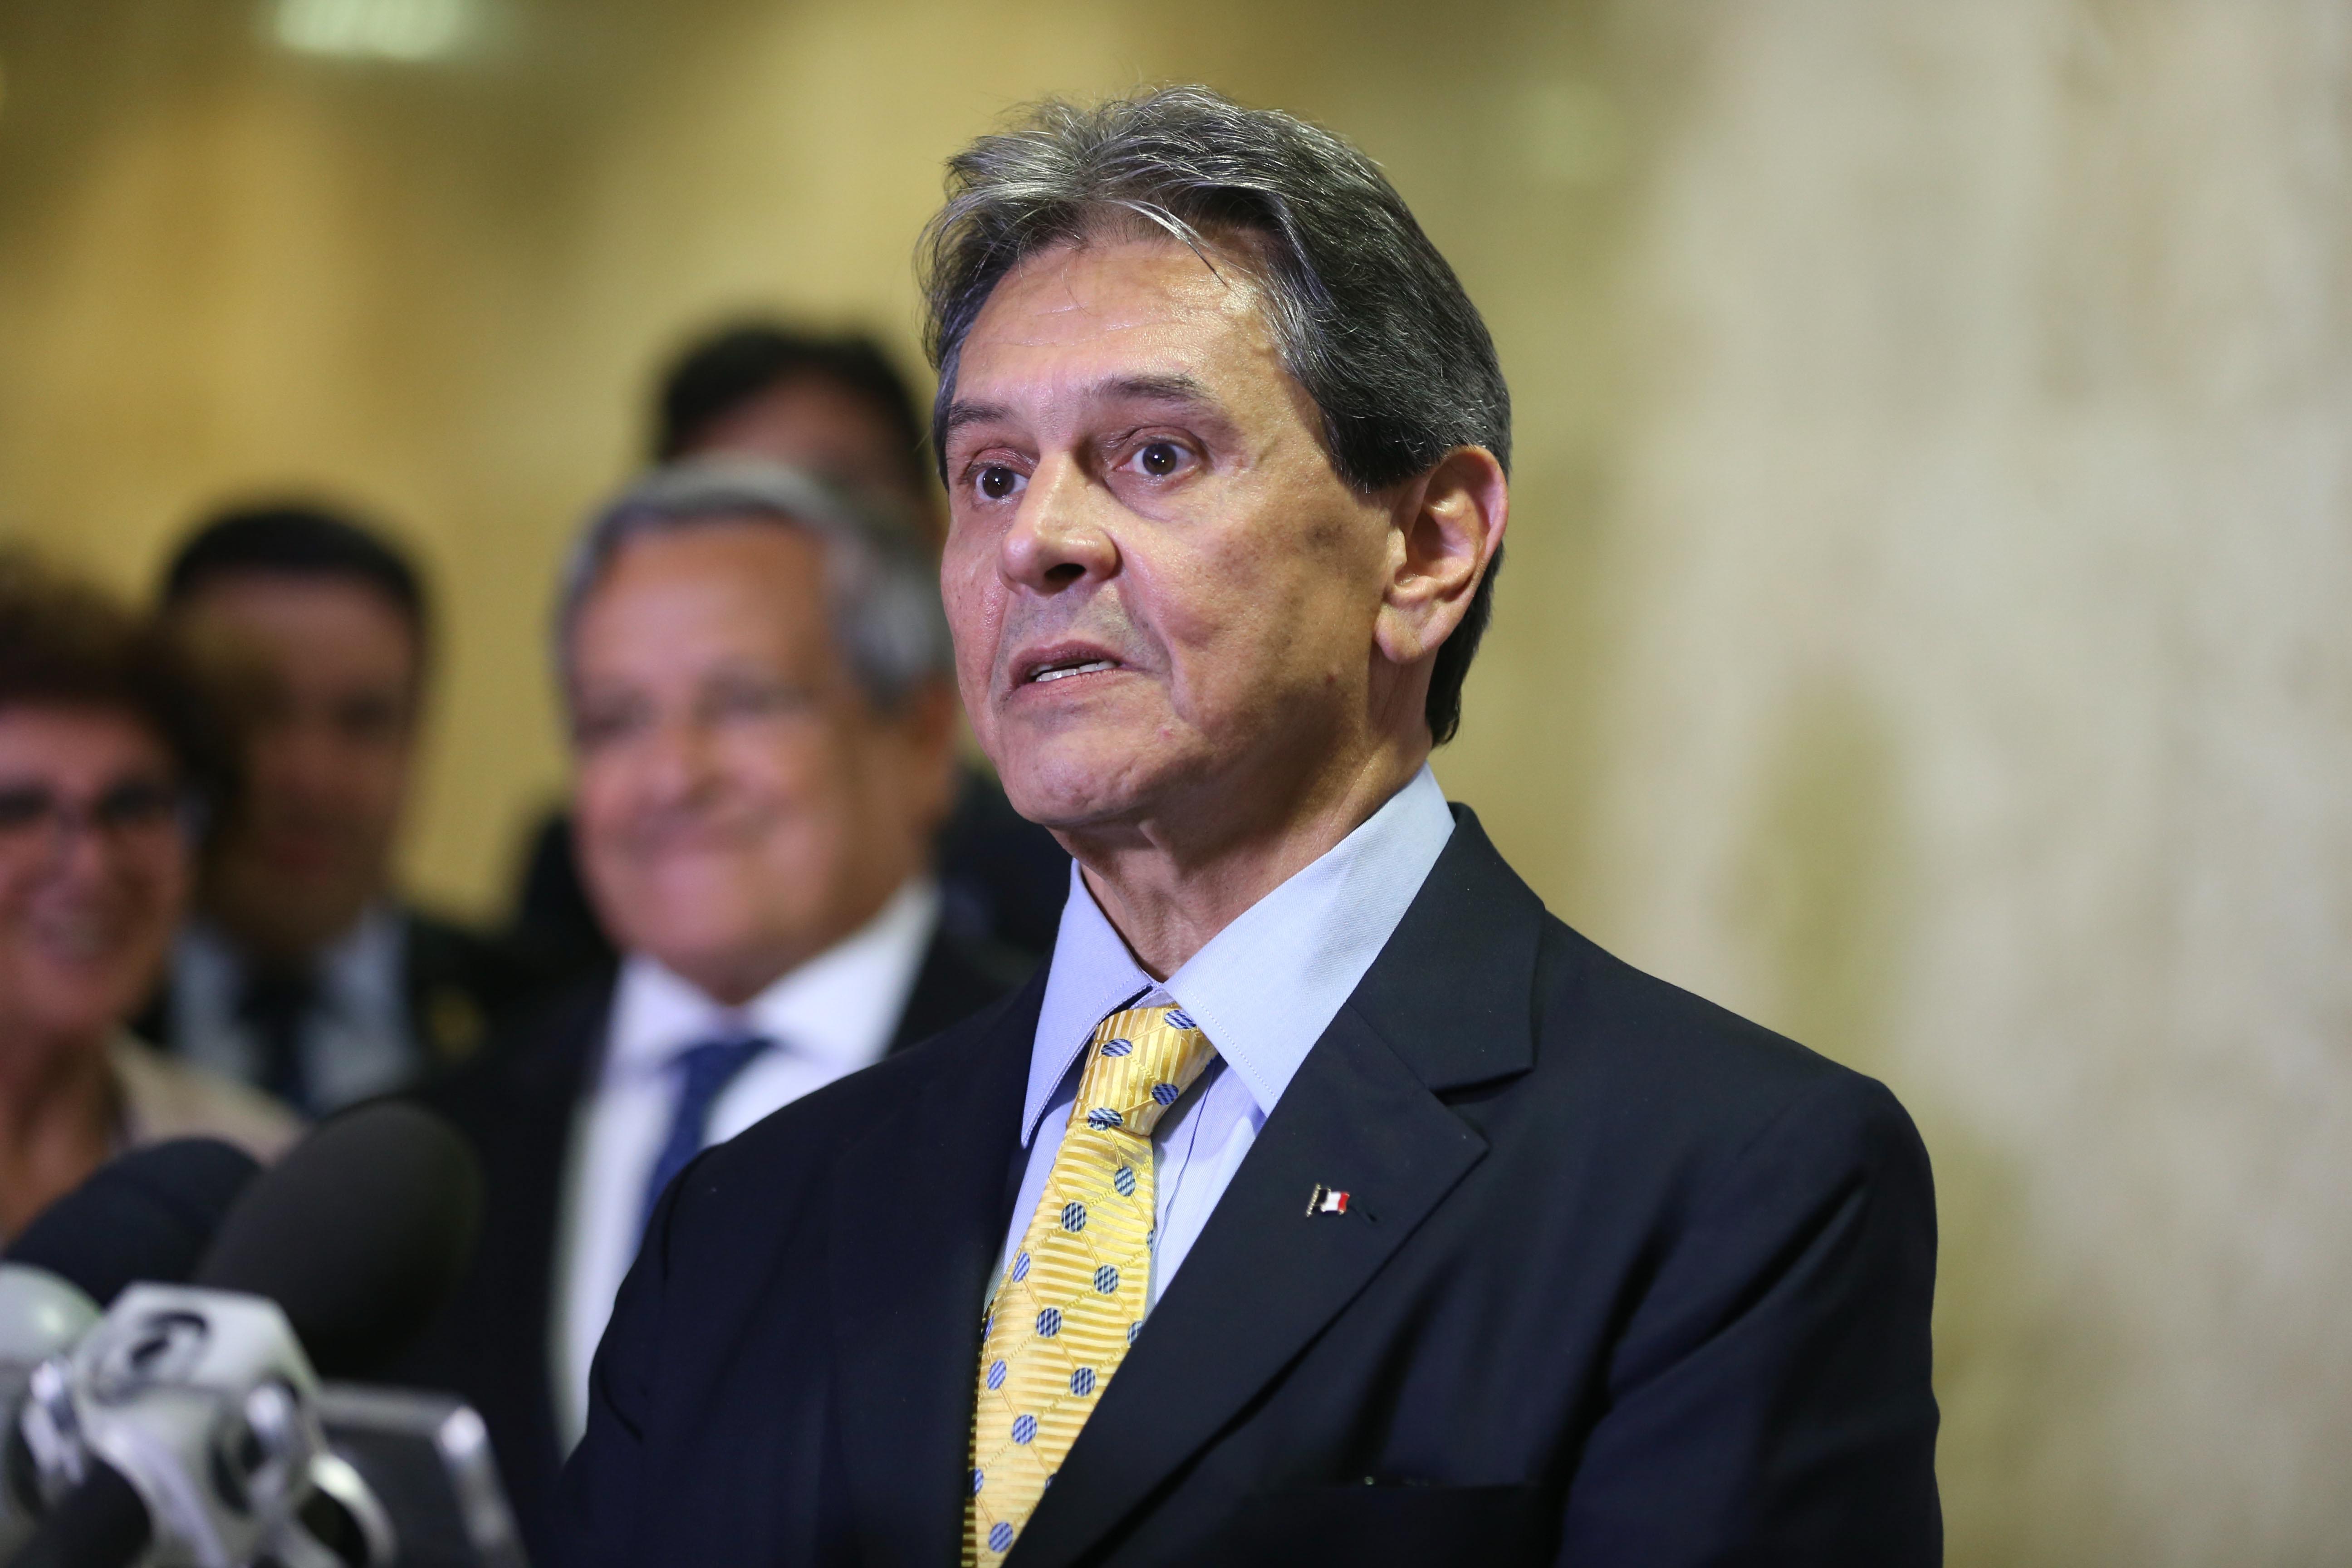 IMAGEM: PTB recebeu R$ 136 milhões em cinco anos; recursos podem ter sido usados em ataques